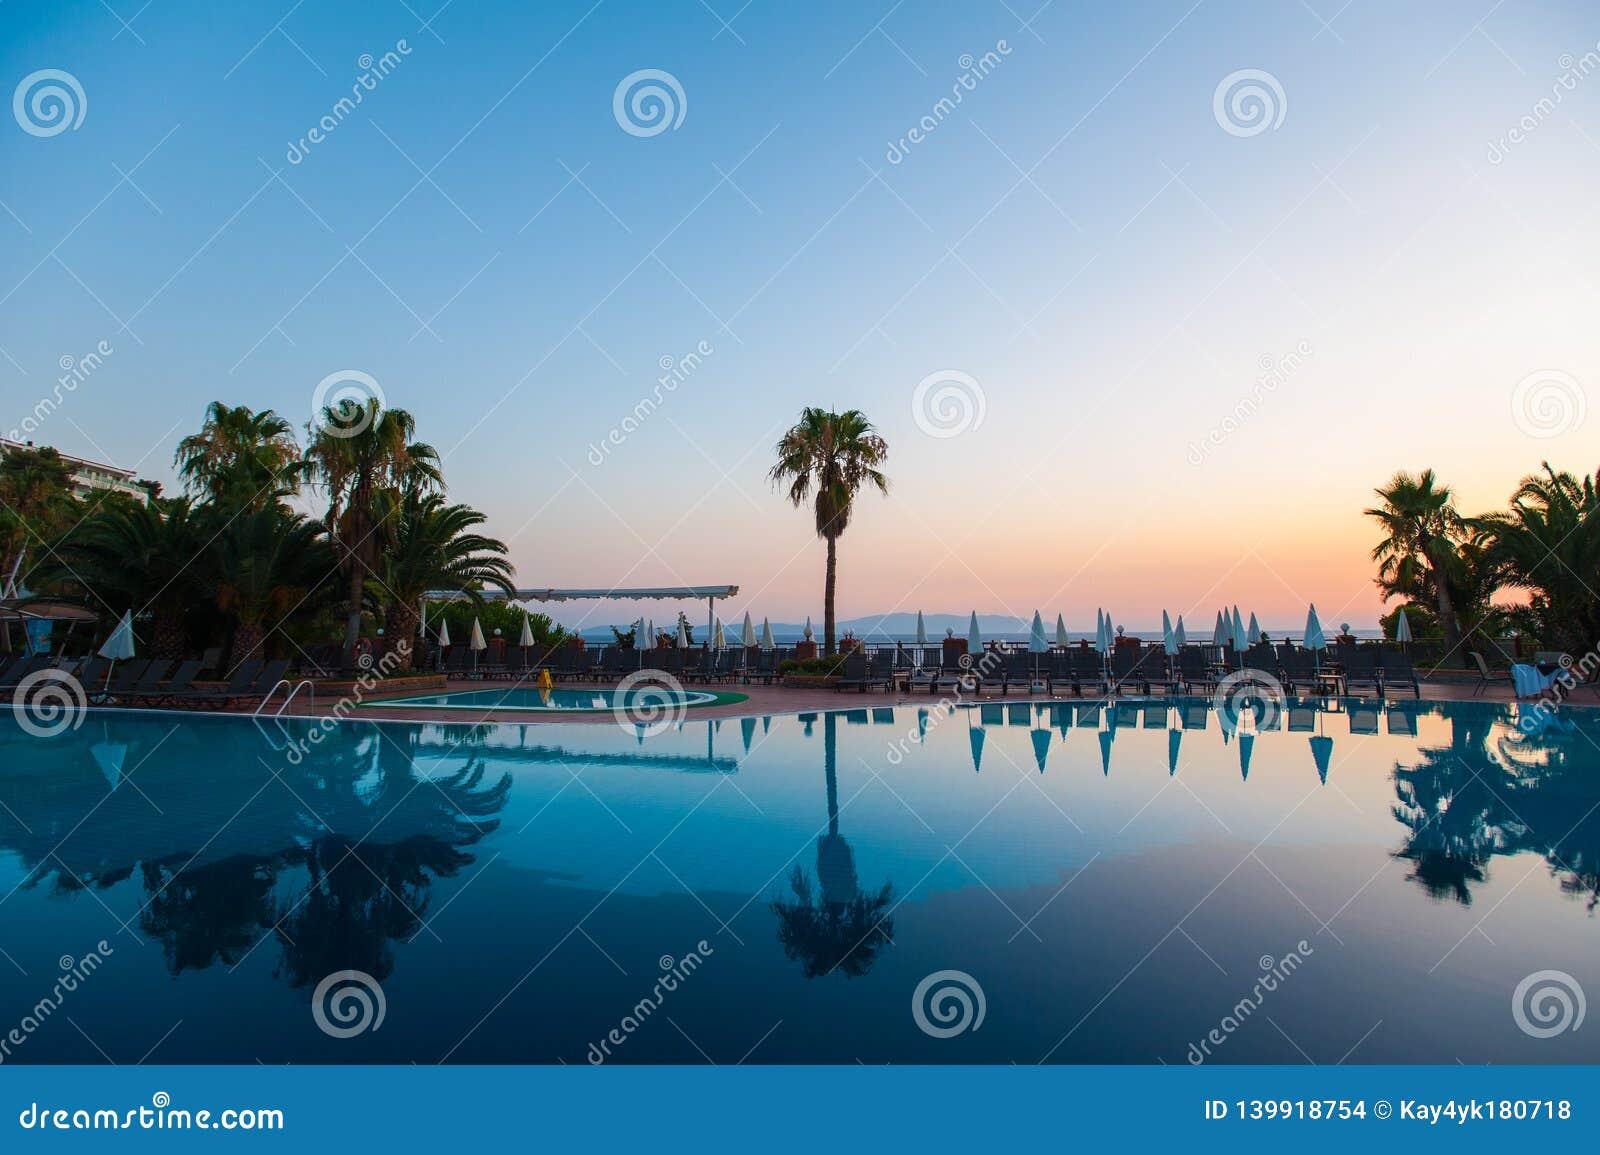 Бассейн с пальмами на заходе солнца Отражение воды